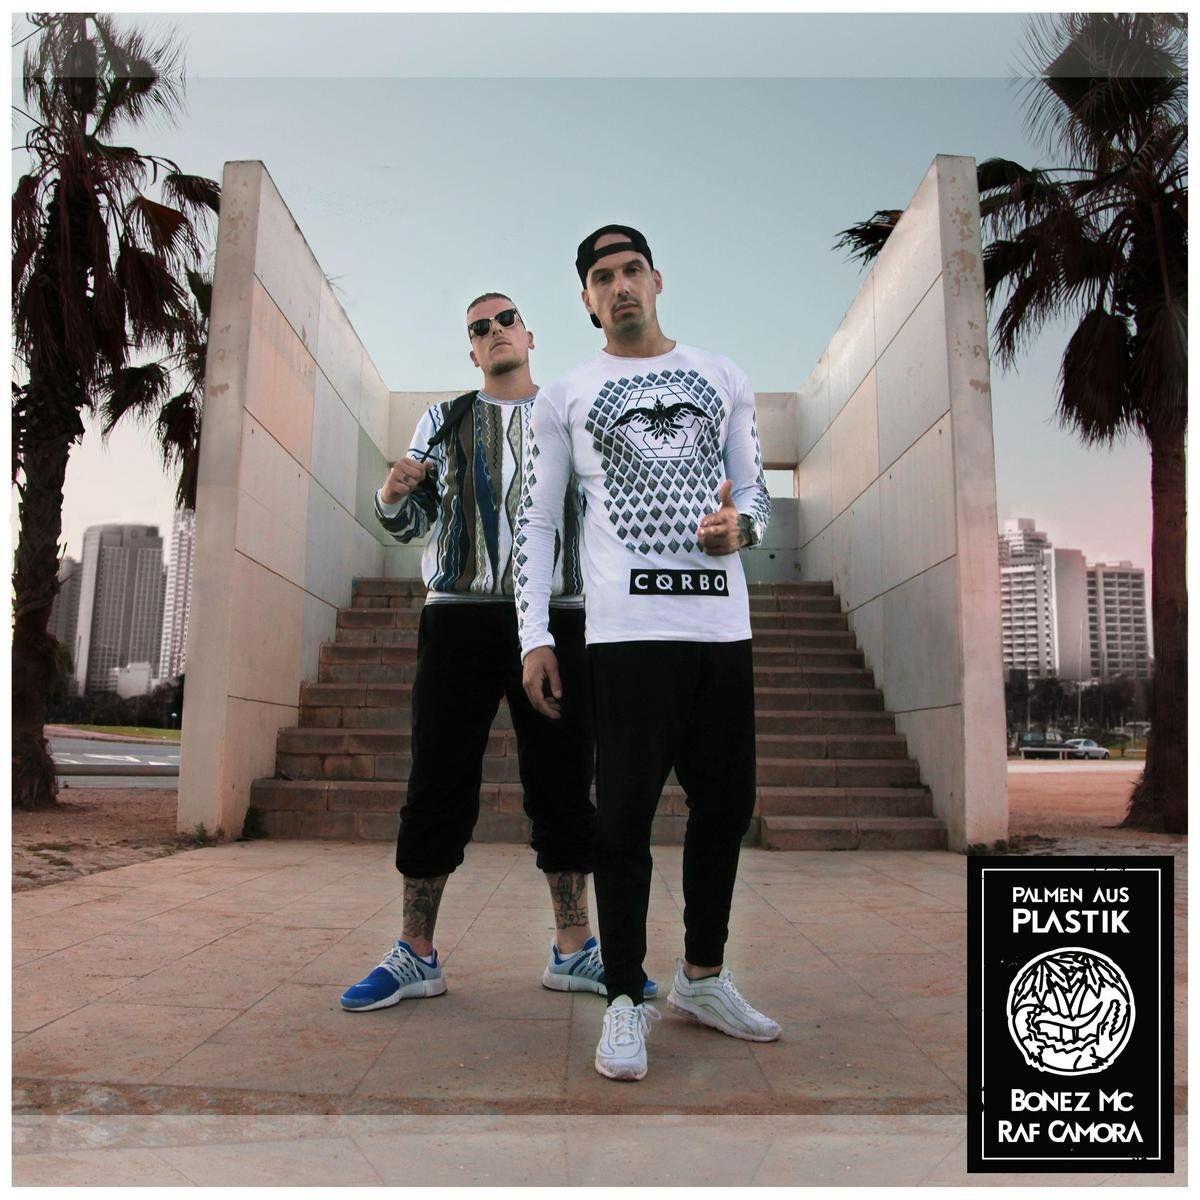 Bonez MC - Palmen Aus Plastik album cover